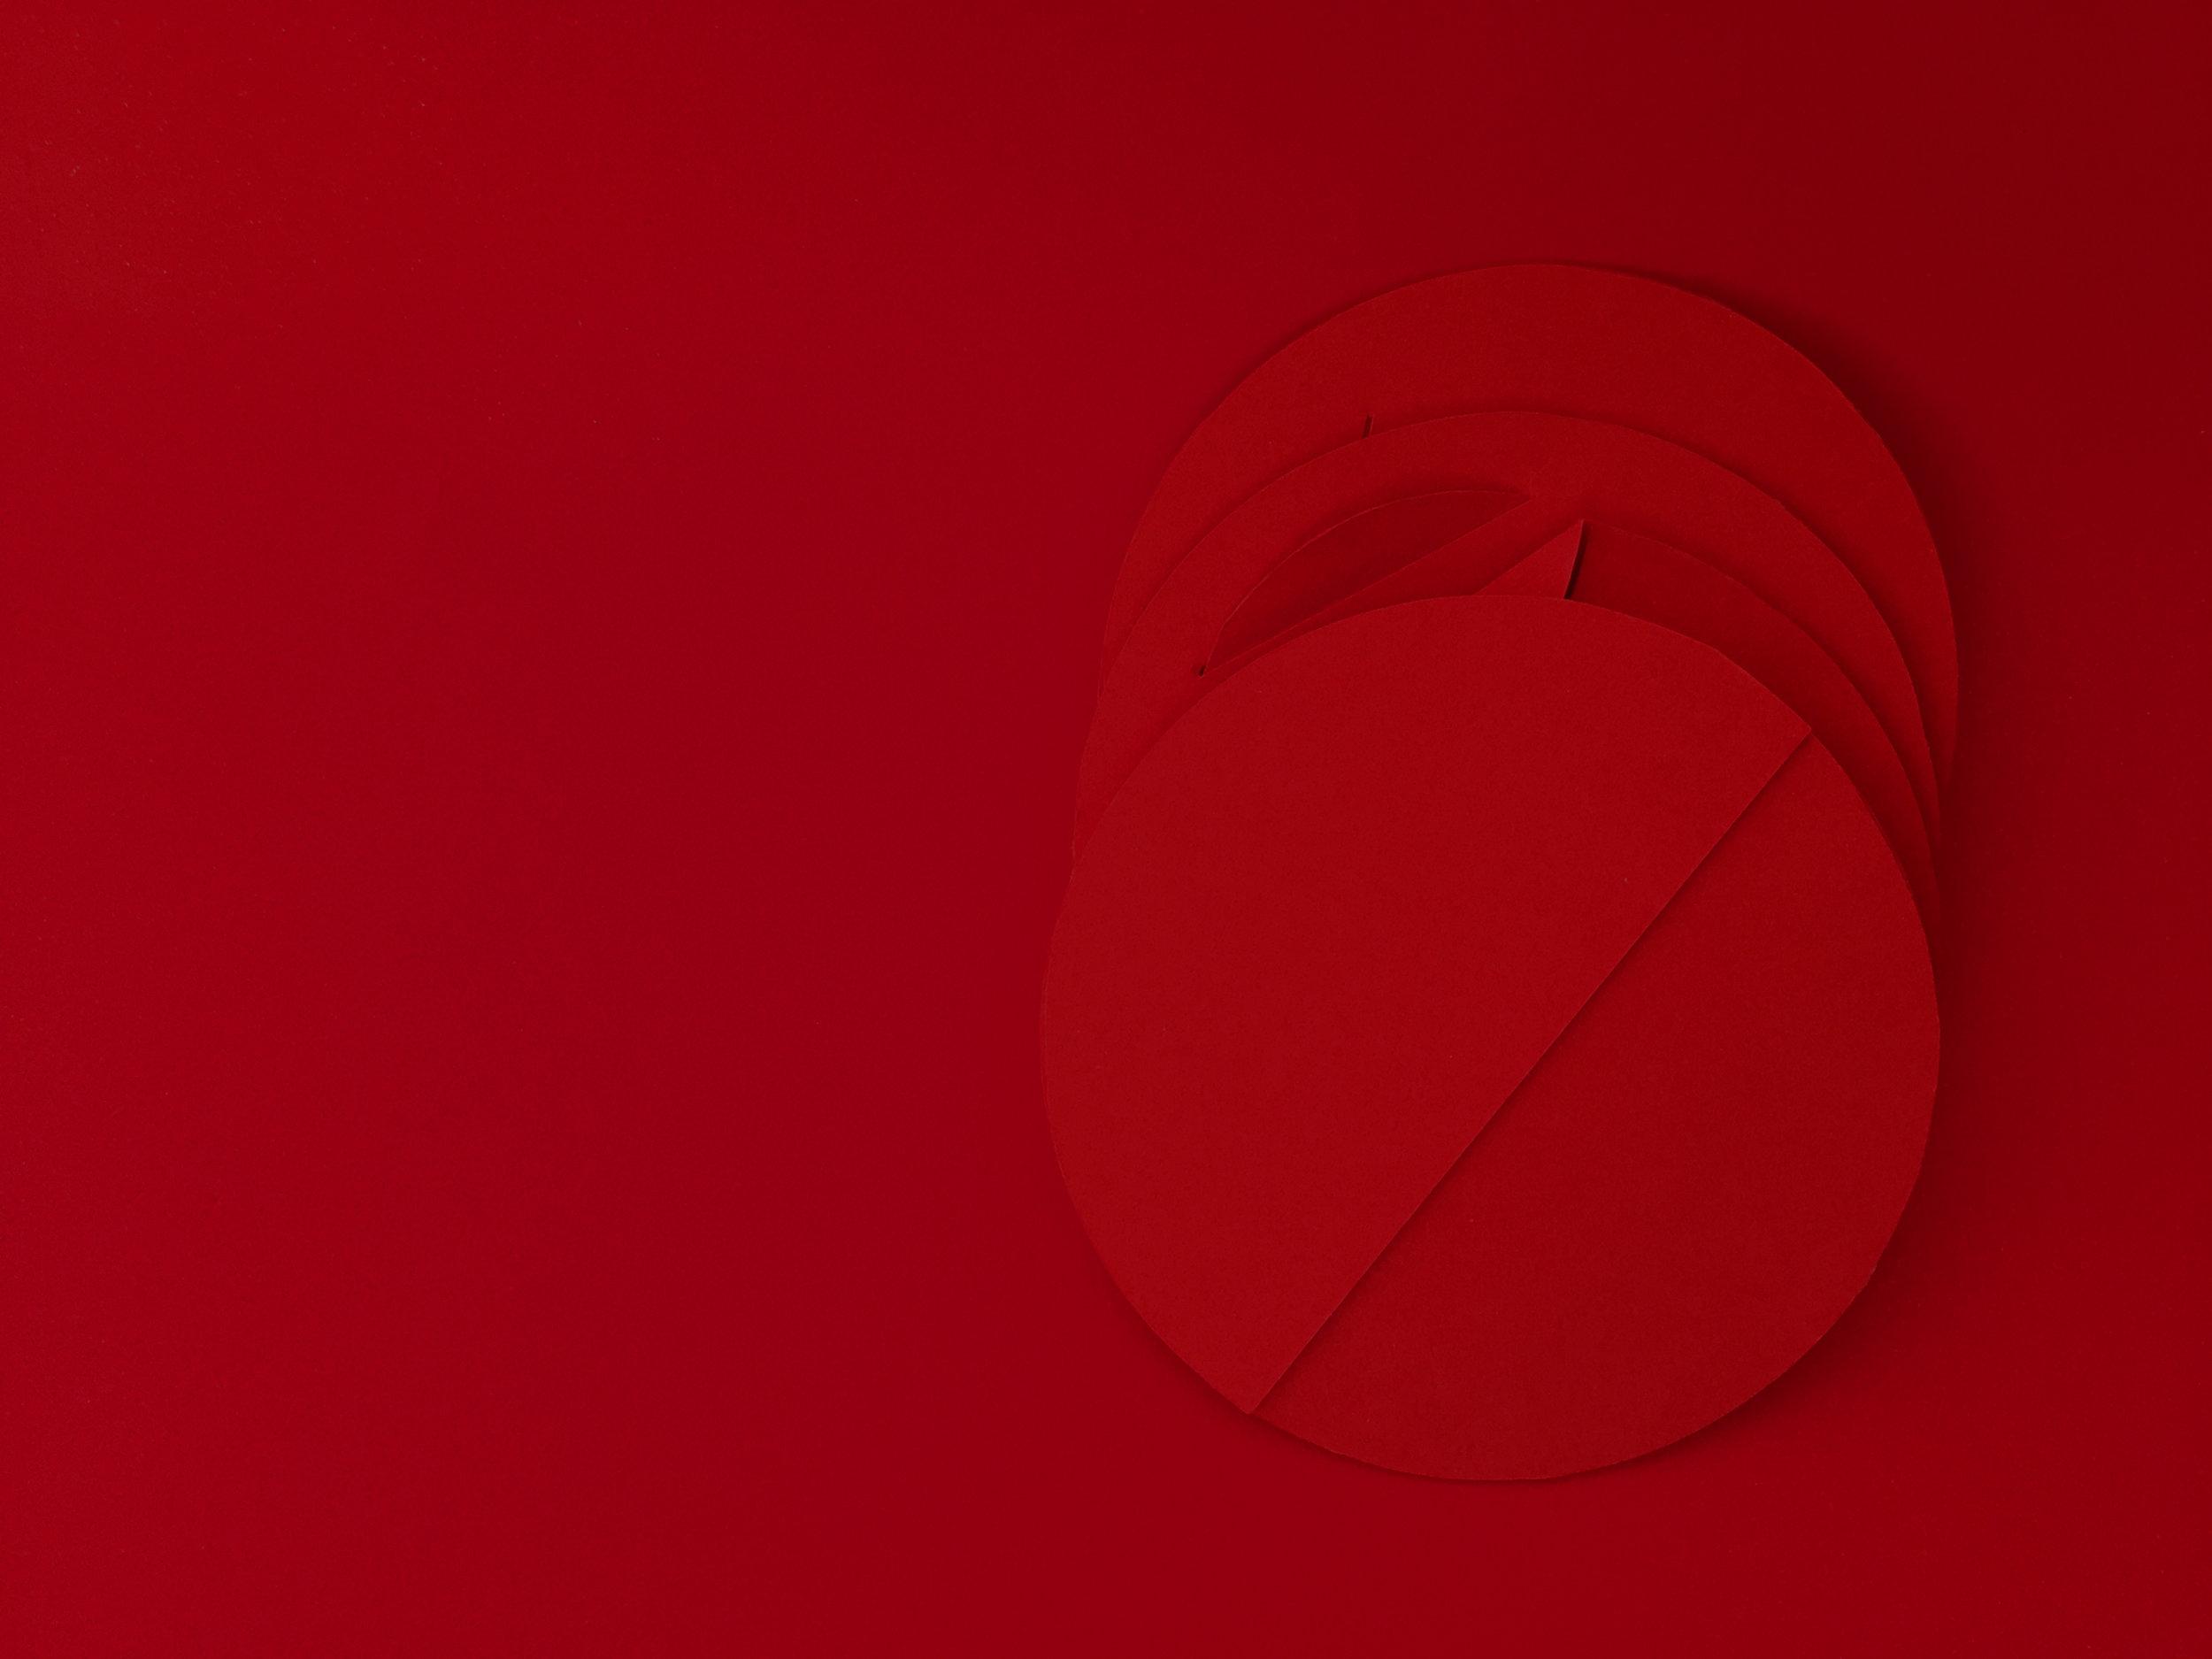 Red Pocket_Shel Han_6.jpg